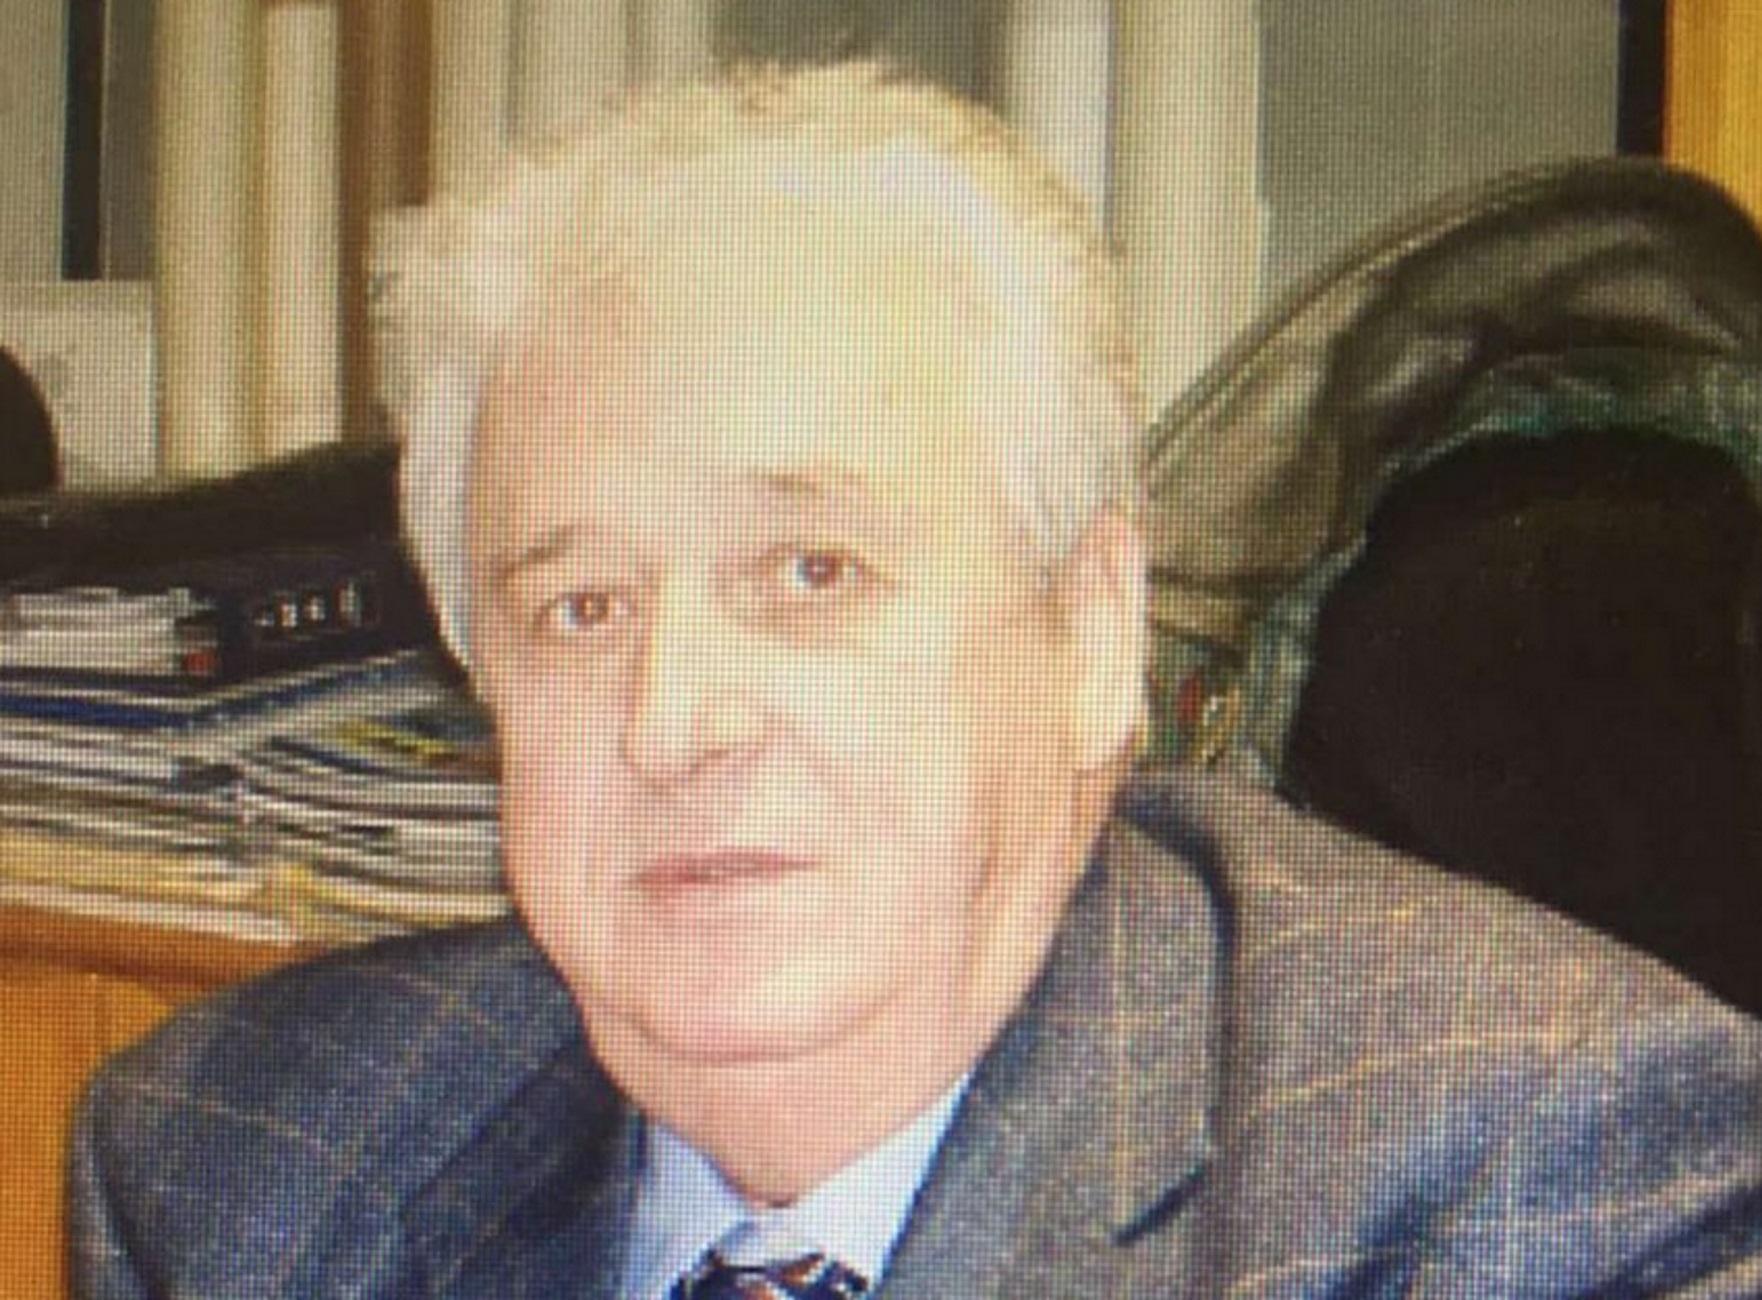 Σκιάθος: Επιχειρηματίας πέθανε στις διακοπές του – Η πορεία στο χρόνο μέχρι το αναπάντεχο τέλος του